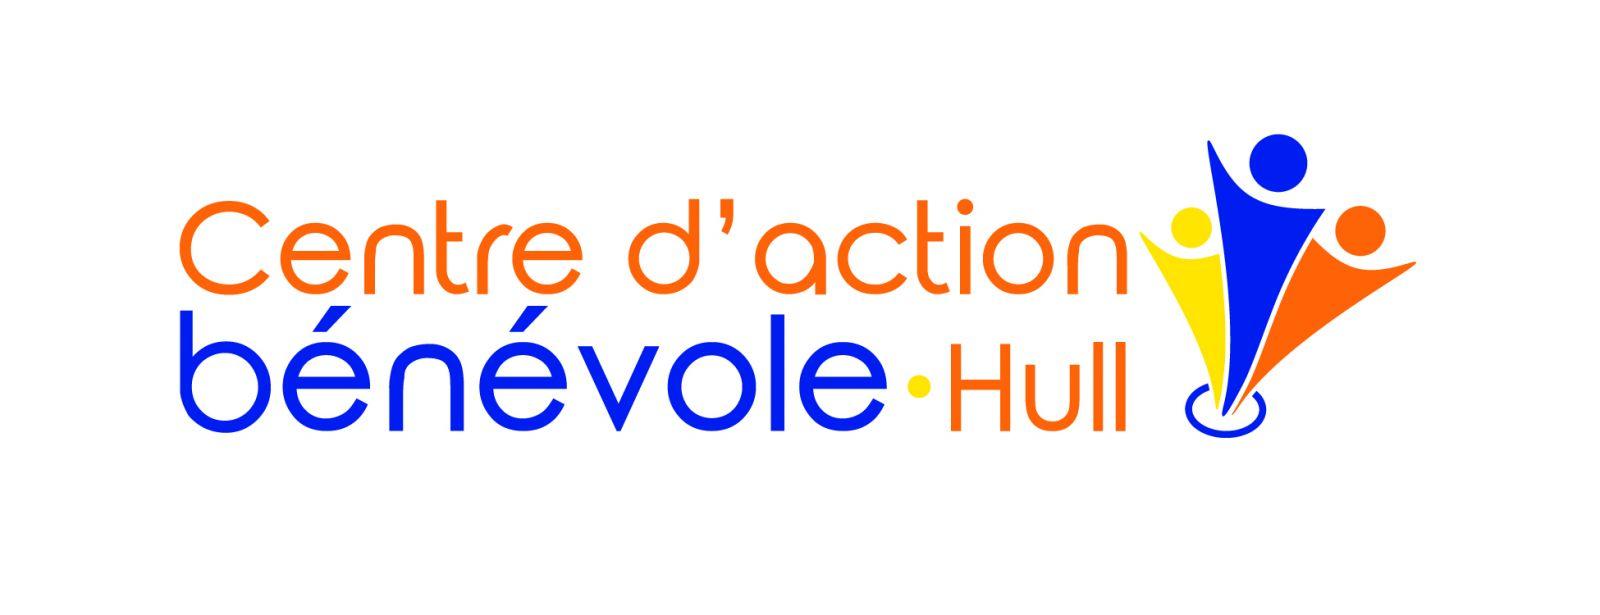 Centre d'action bénévole de Hull